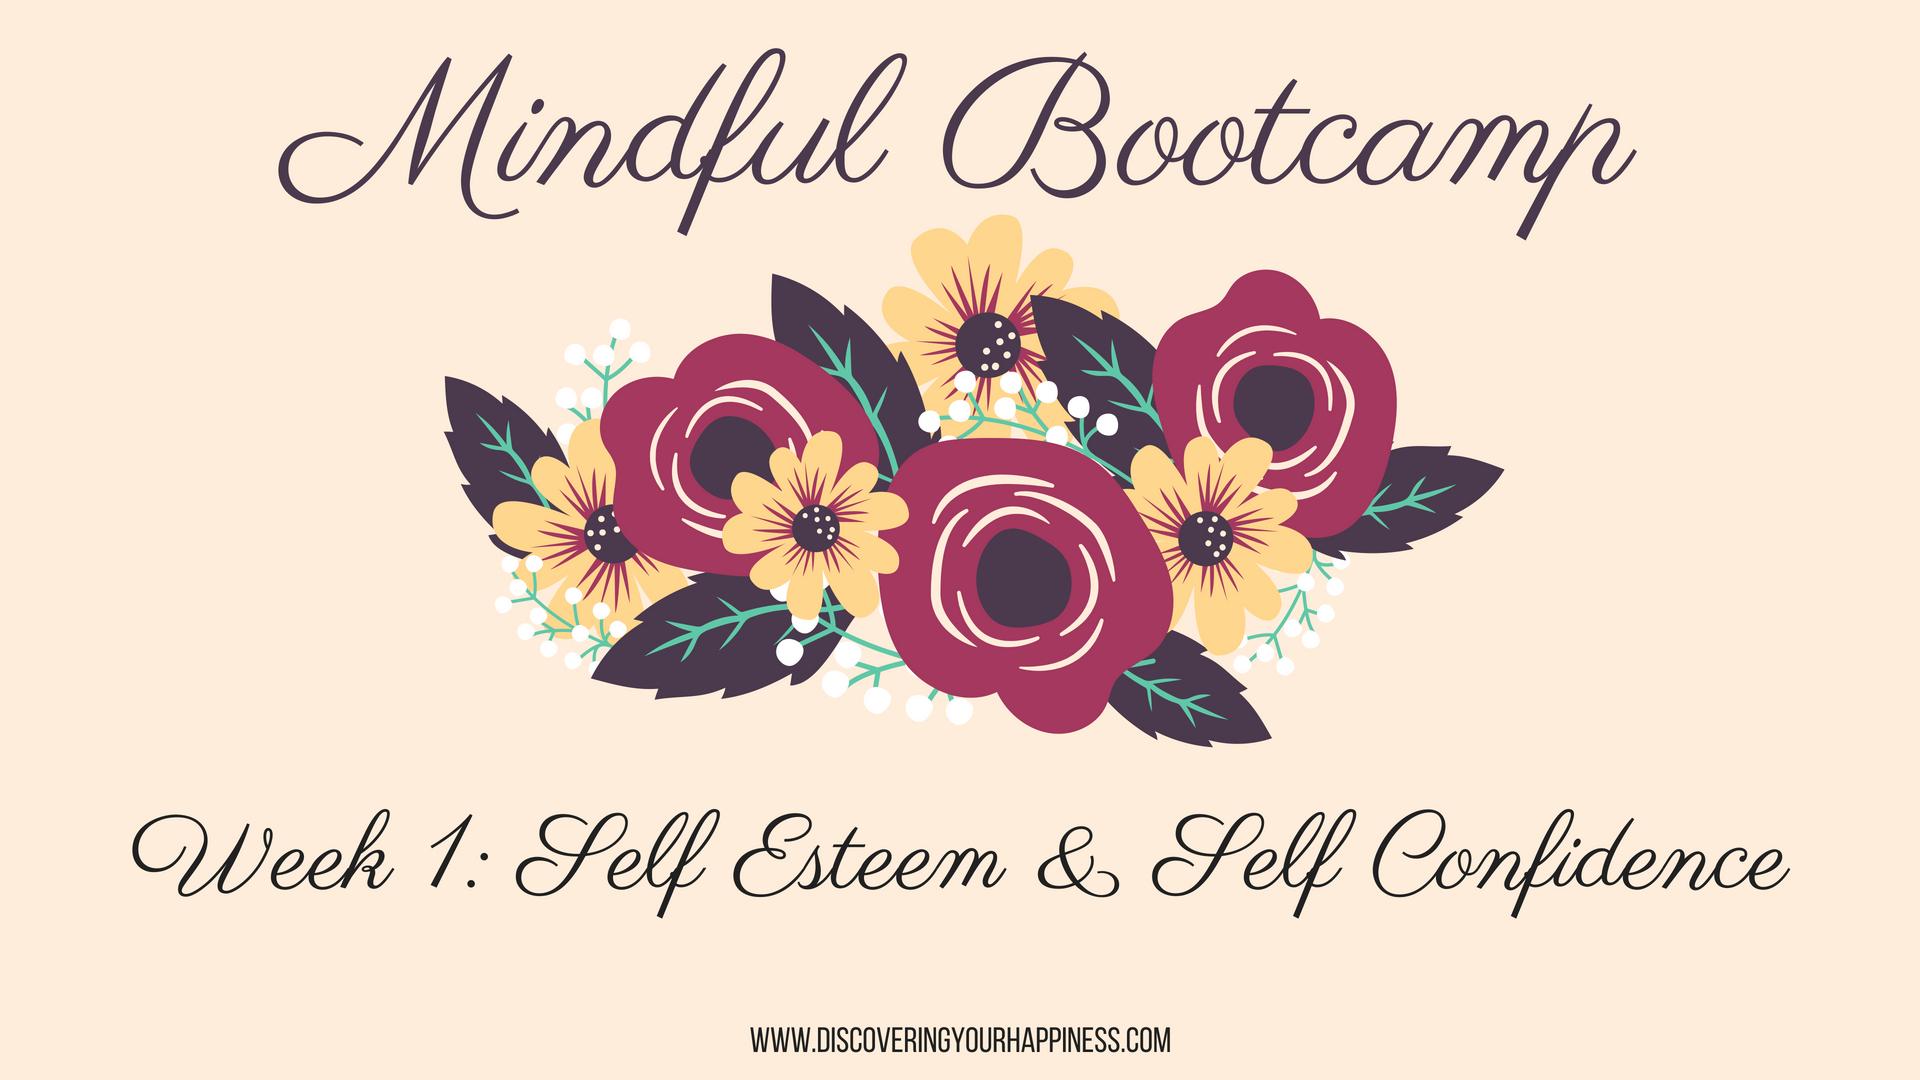 Self esteem boot camp